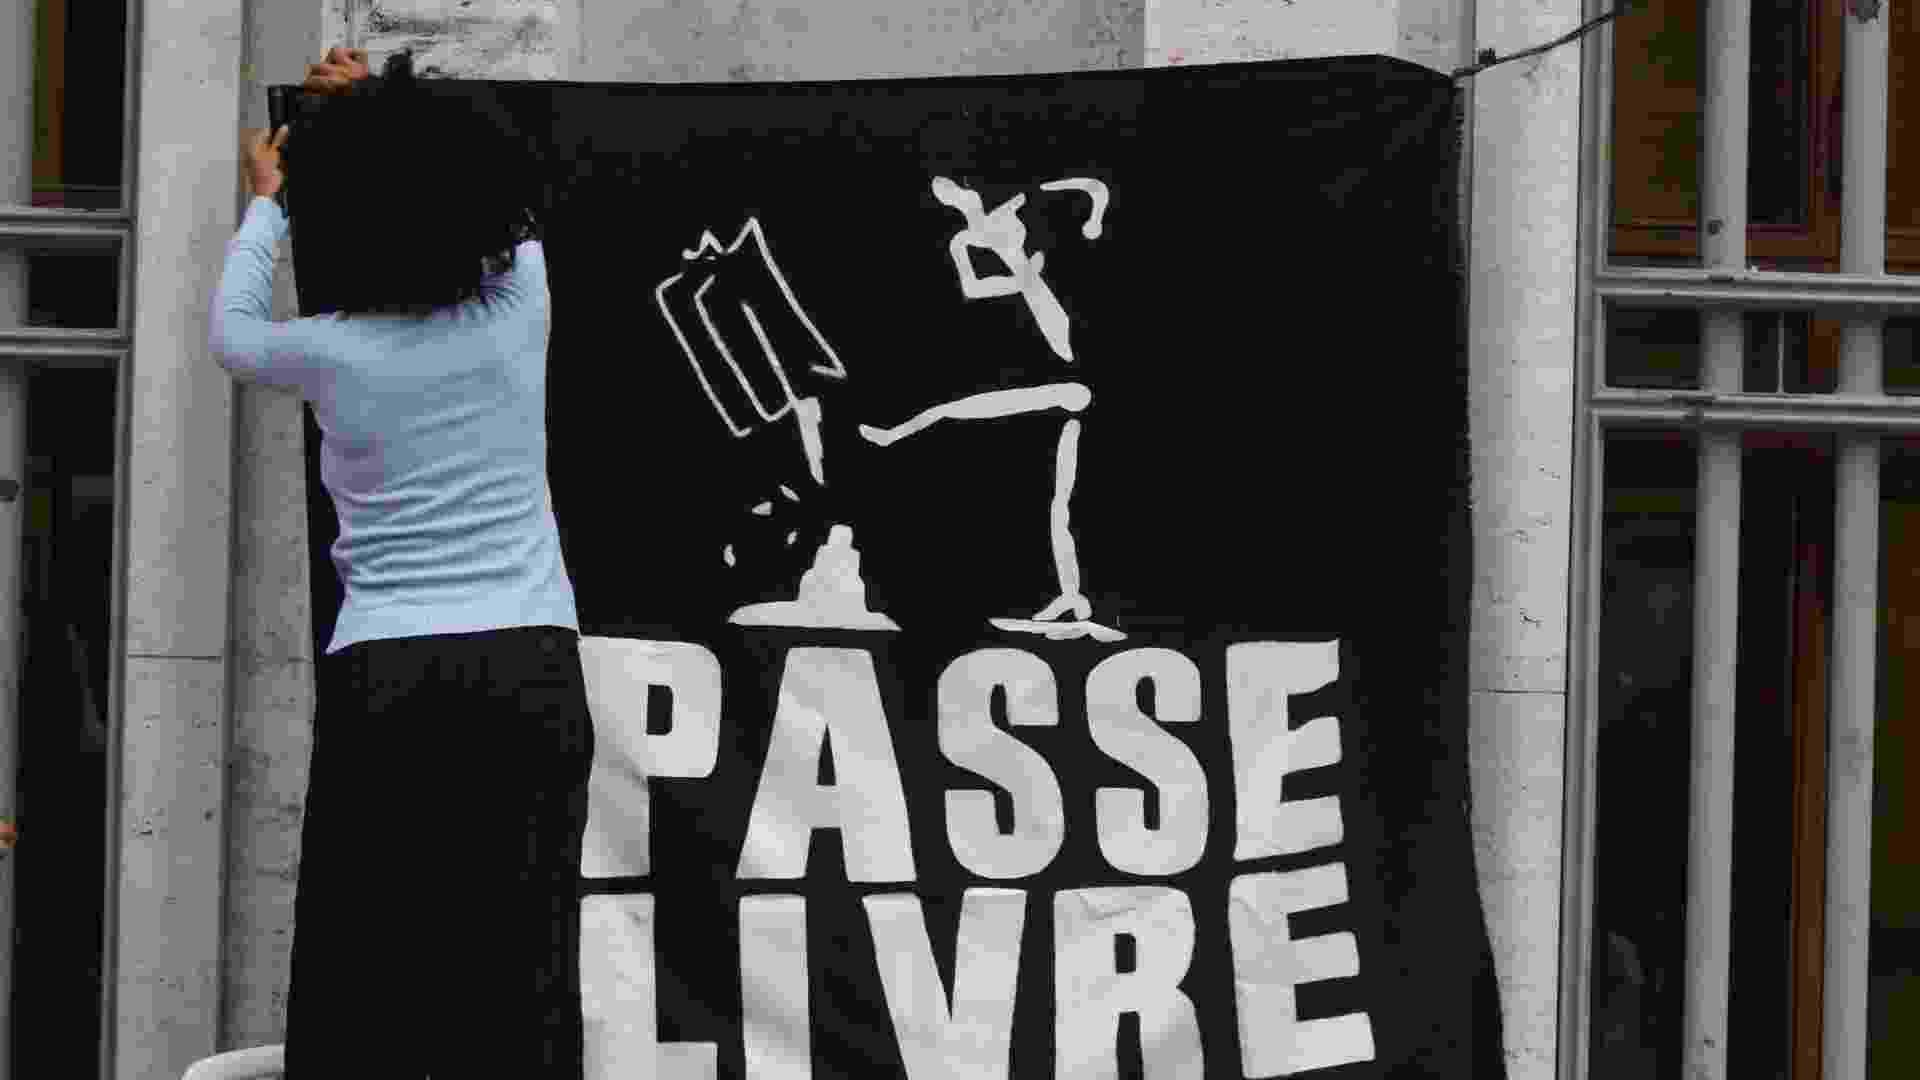 27.jun.2013 - O MPL (Movimento Passe Livre) fez uma aula pública sobre tarifa zero em frente à Prefeitura de São Paulo, na tarde desta quinta-feira (27) - Marcos Bezerra/Futura Press